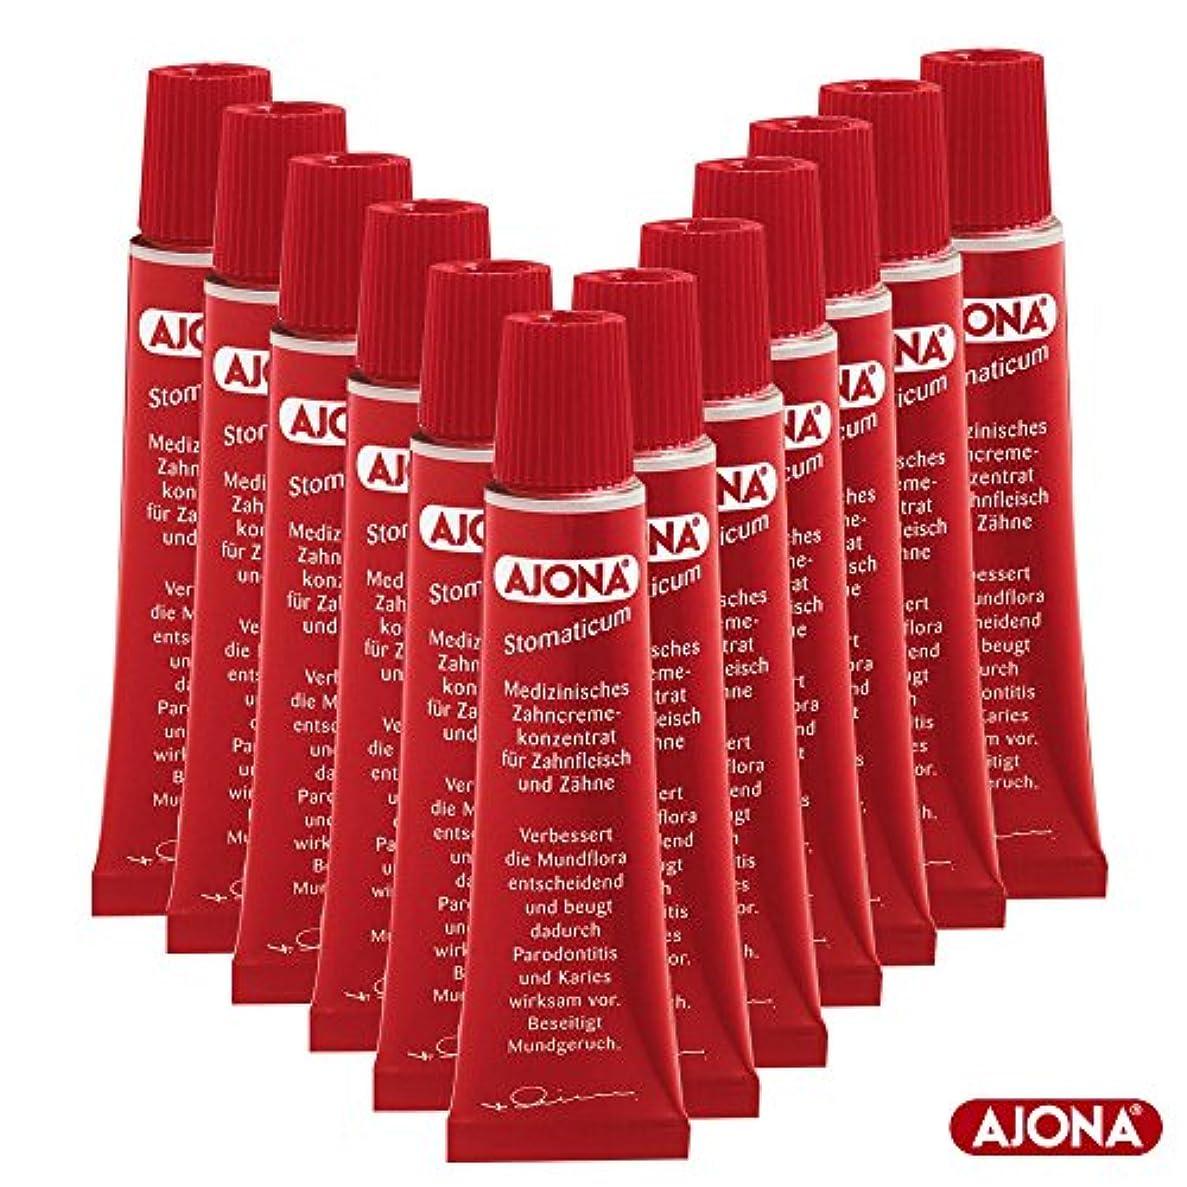 からに変化する怒って謝罪Ajona 濃縮歯磨き粉 Stomaticum Toothpaste 25ml(12x 25ml)-12Pack [並行輸入品]